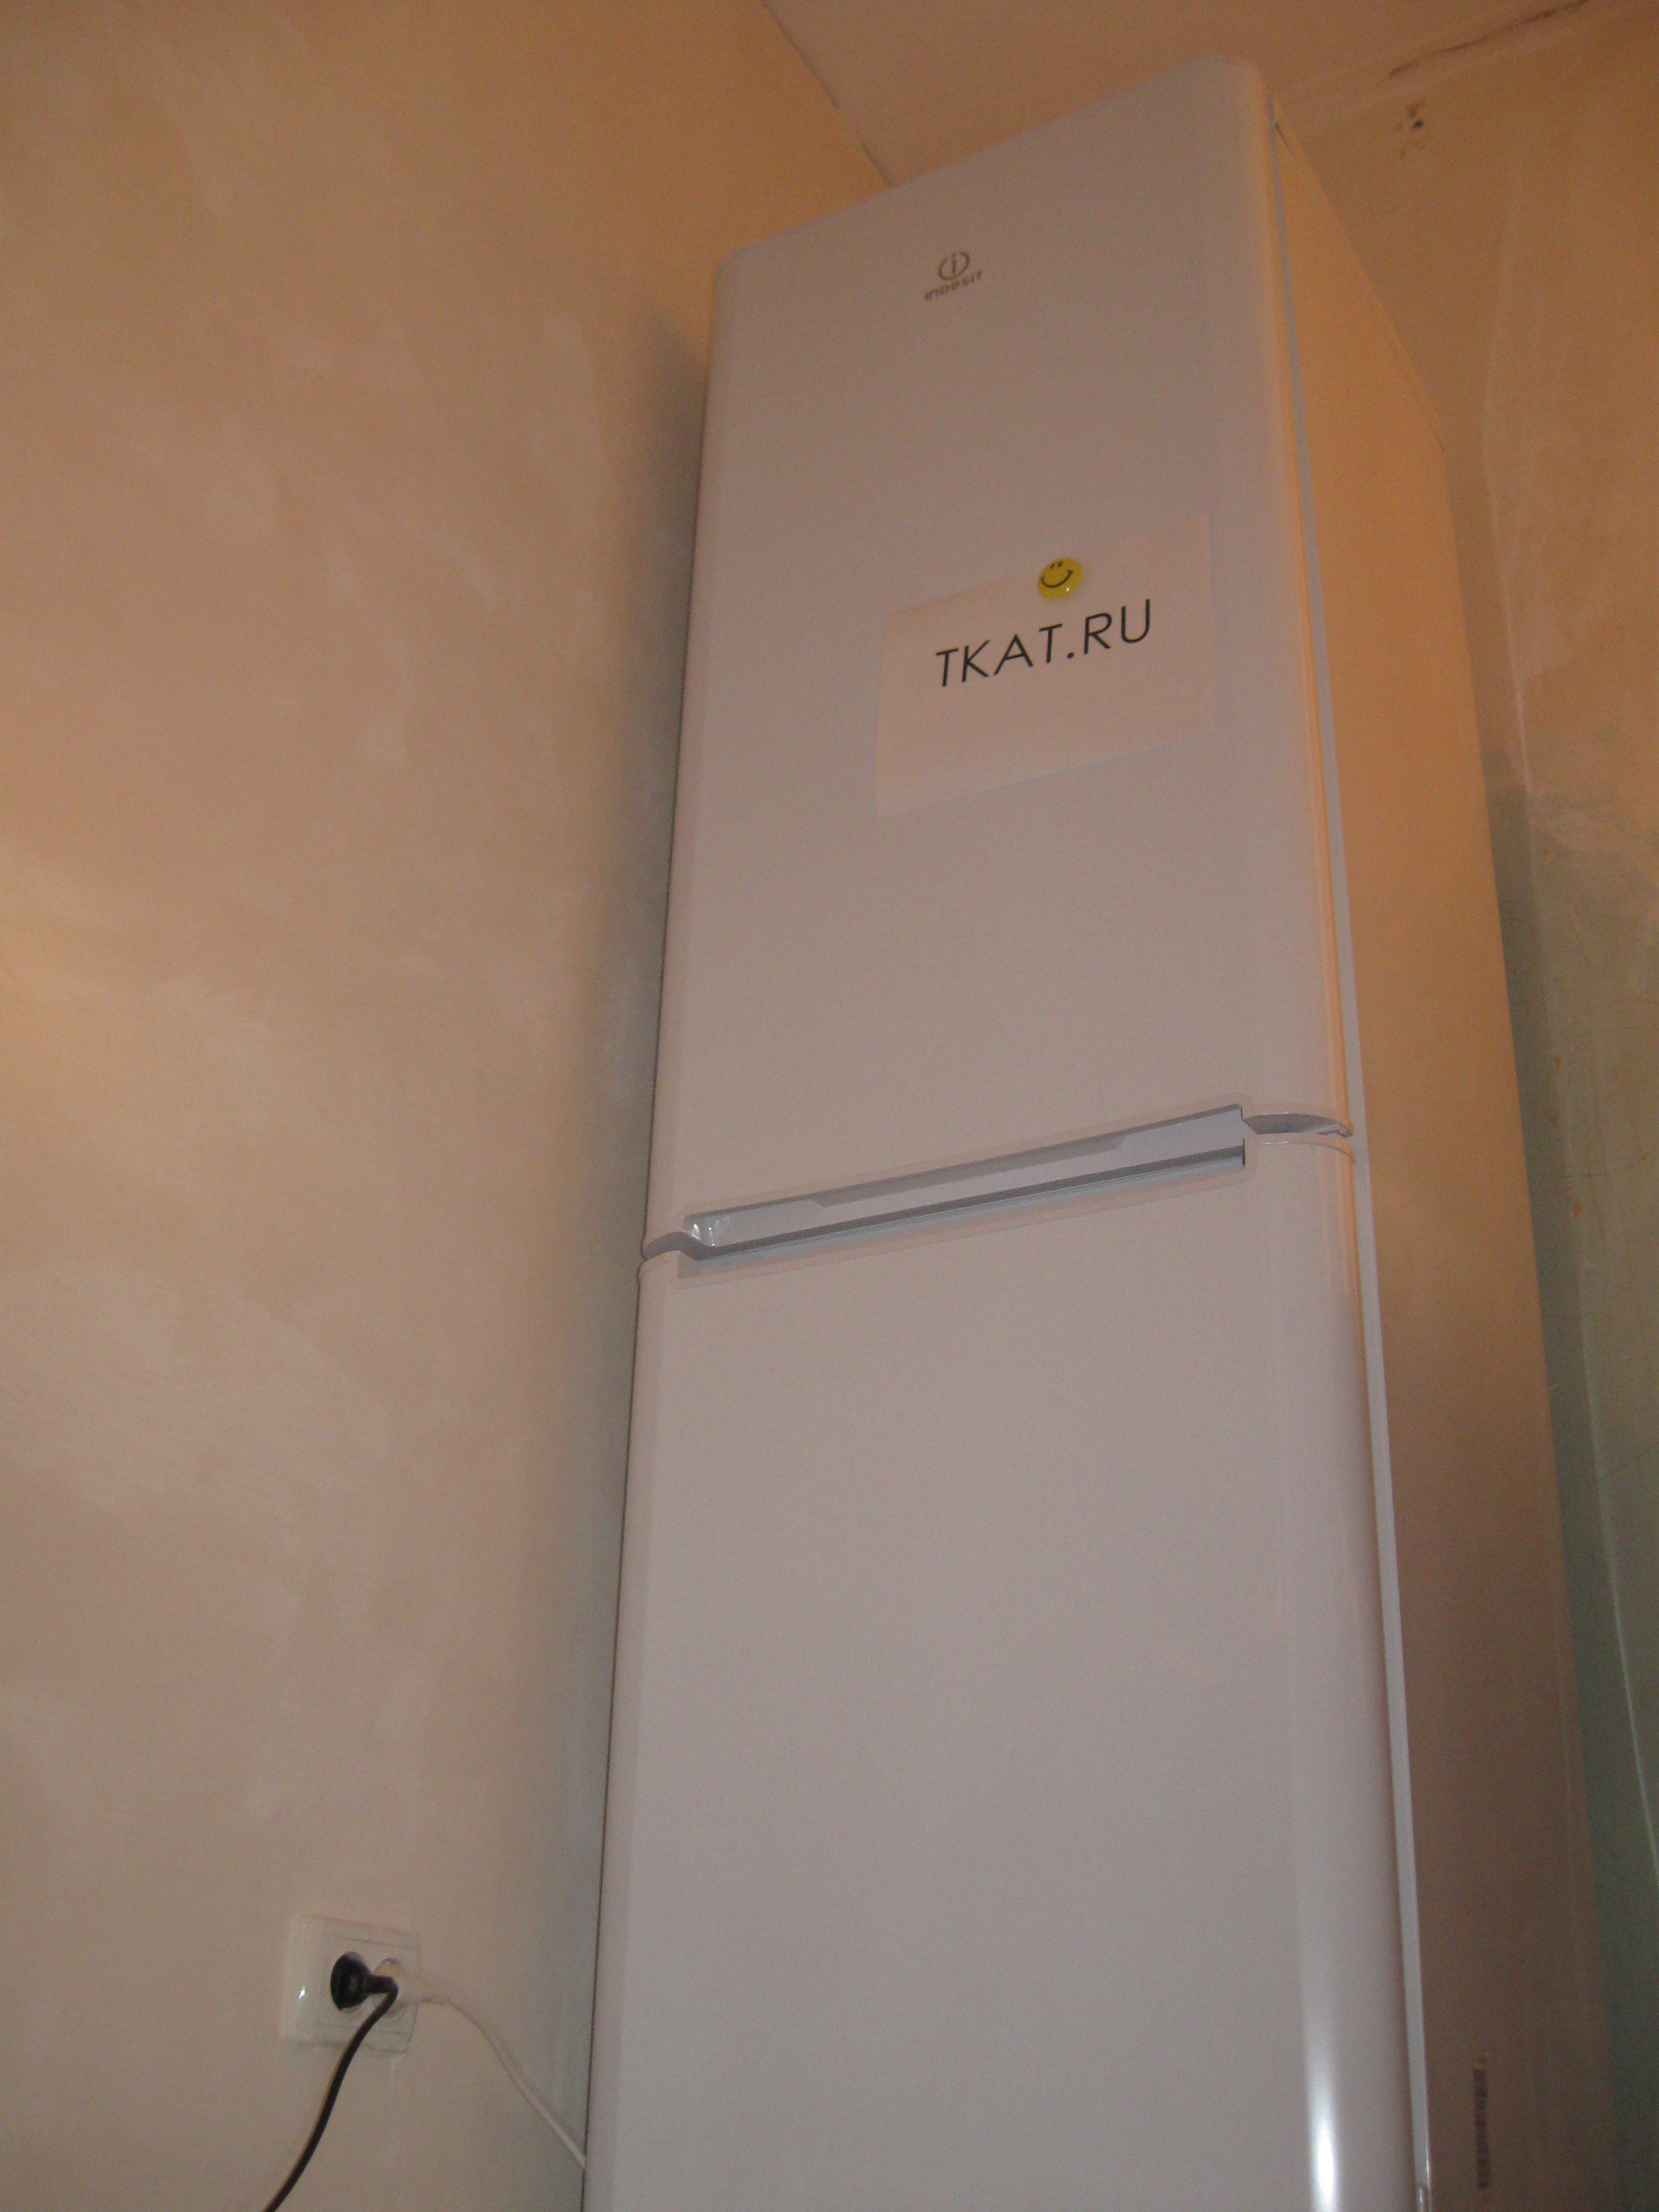 обзор холодильника Indesit Bia 18 Bf читайте на Tkatru